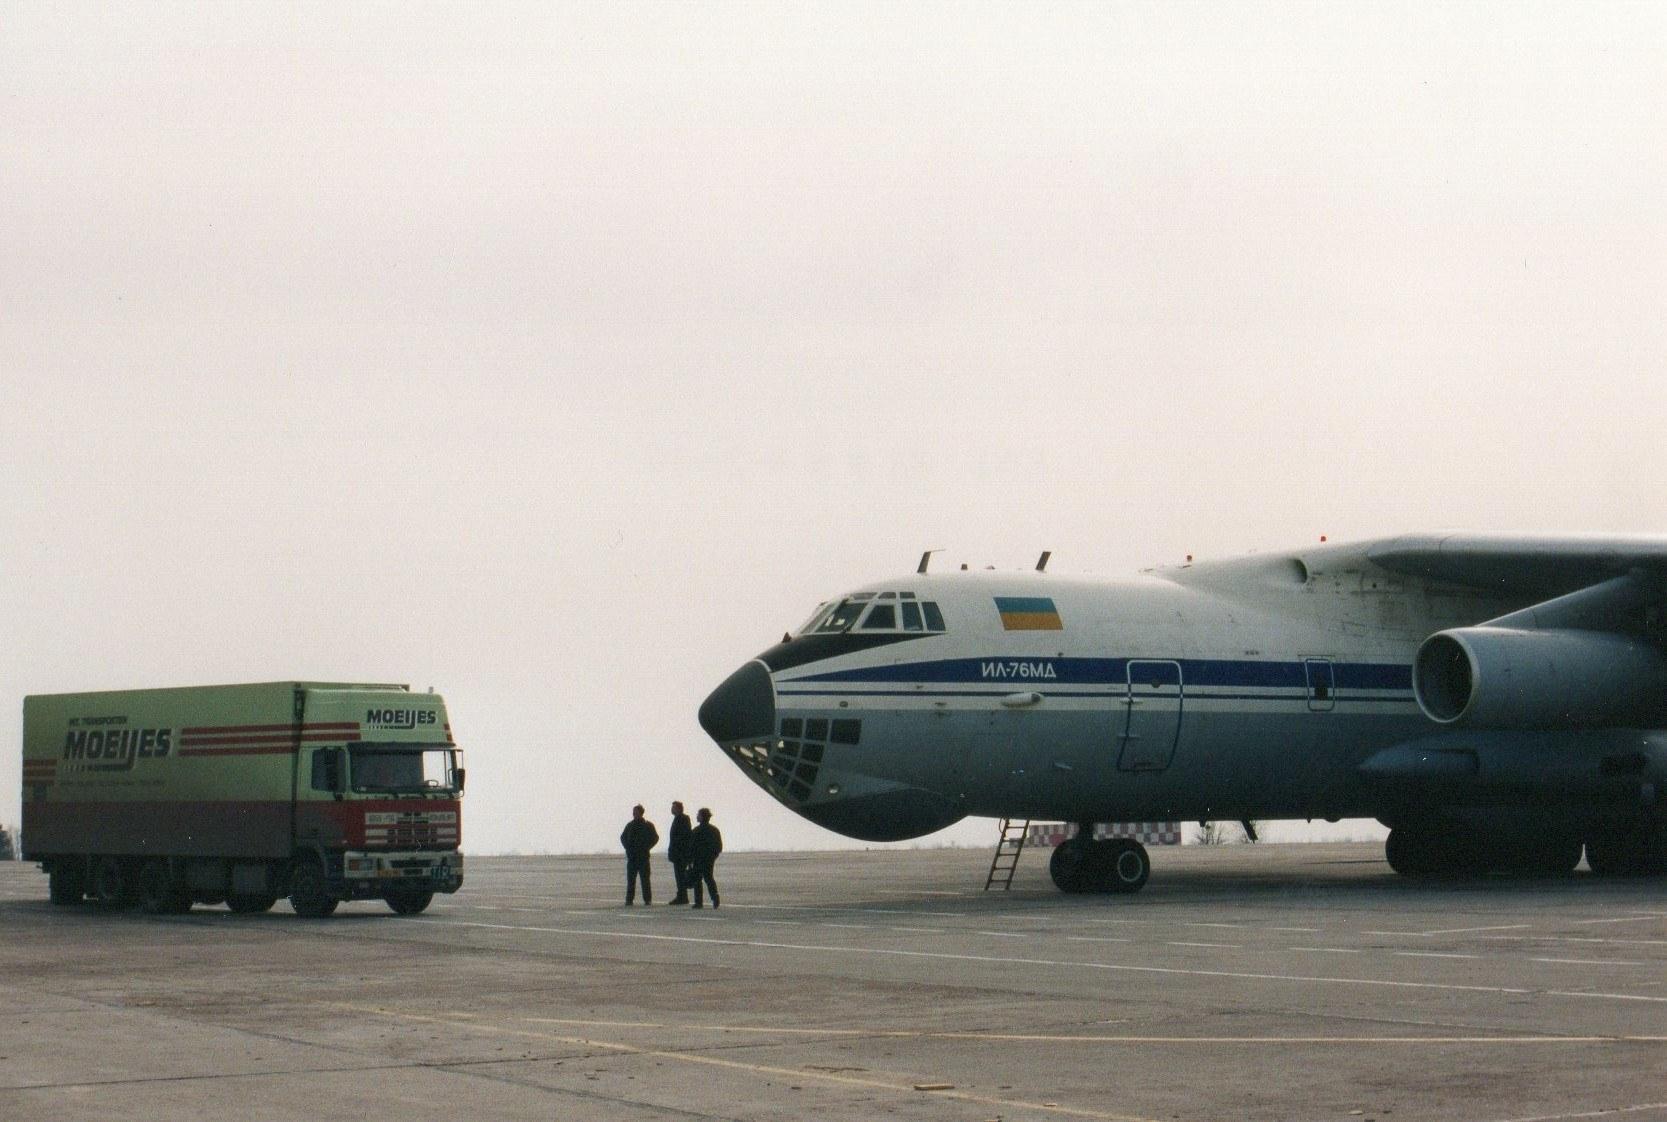 1993-Transporten-medicijnen-voor-het-Rode-Kruis-met-bestemming-Armenie.-Rijden-naar-Armenie-was-toen-te-gevaarlijk-in-Kiev-werd-het-overgeladen-6